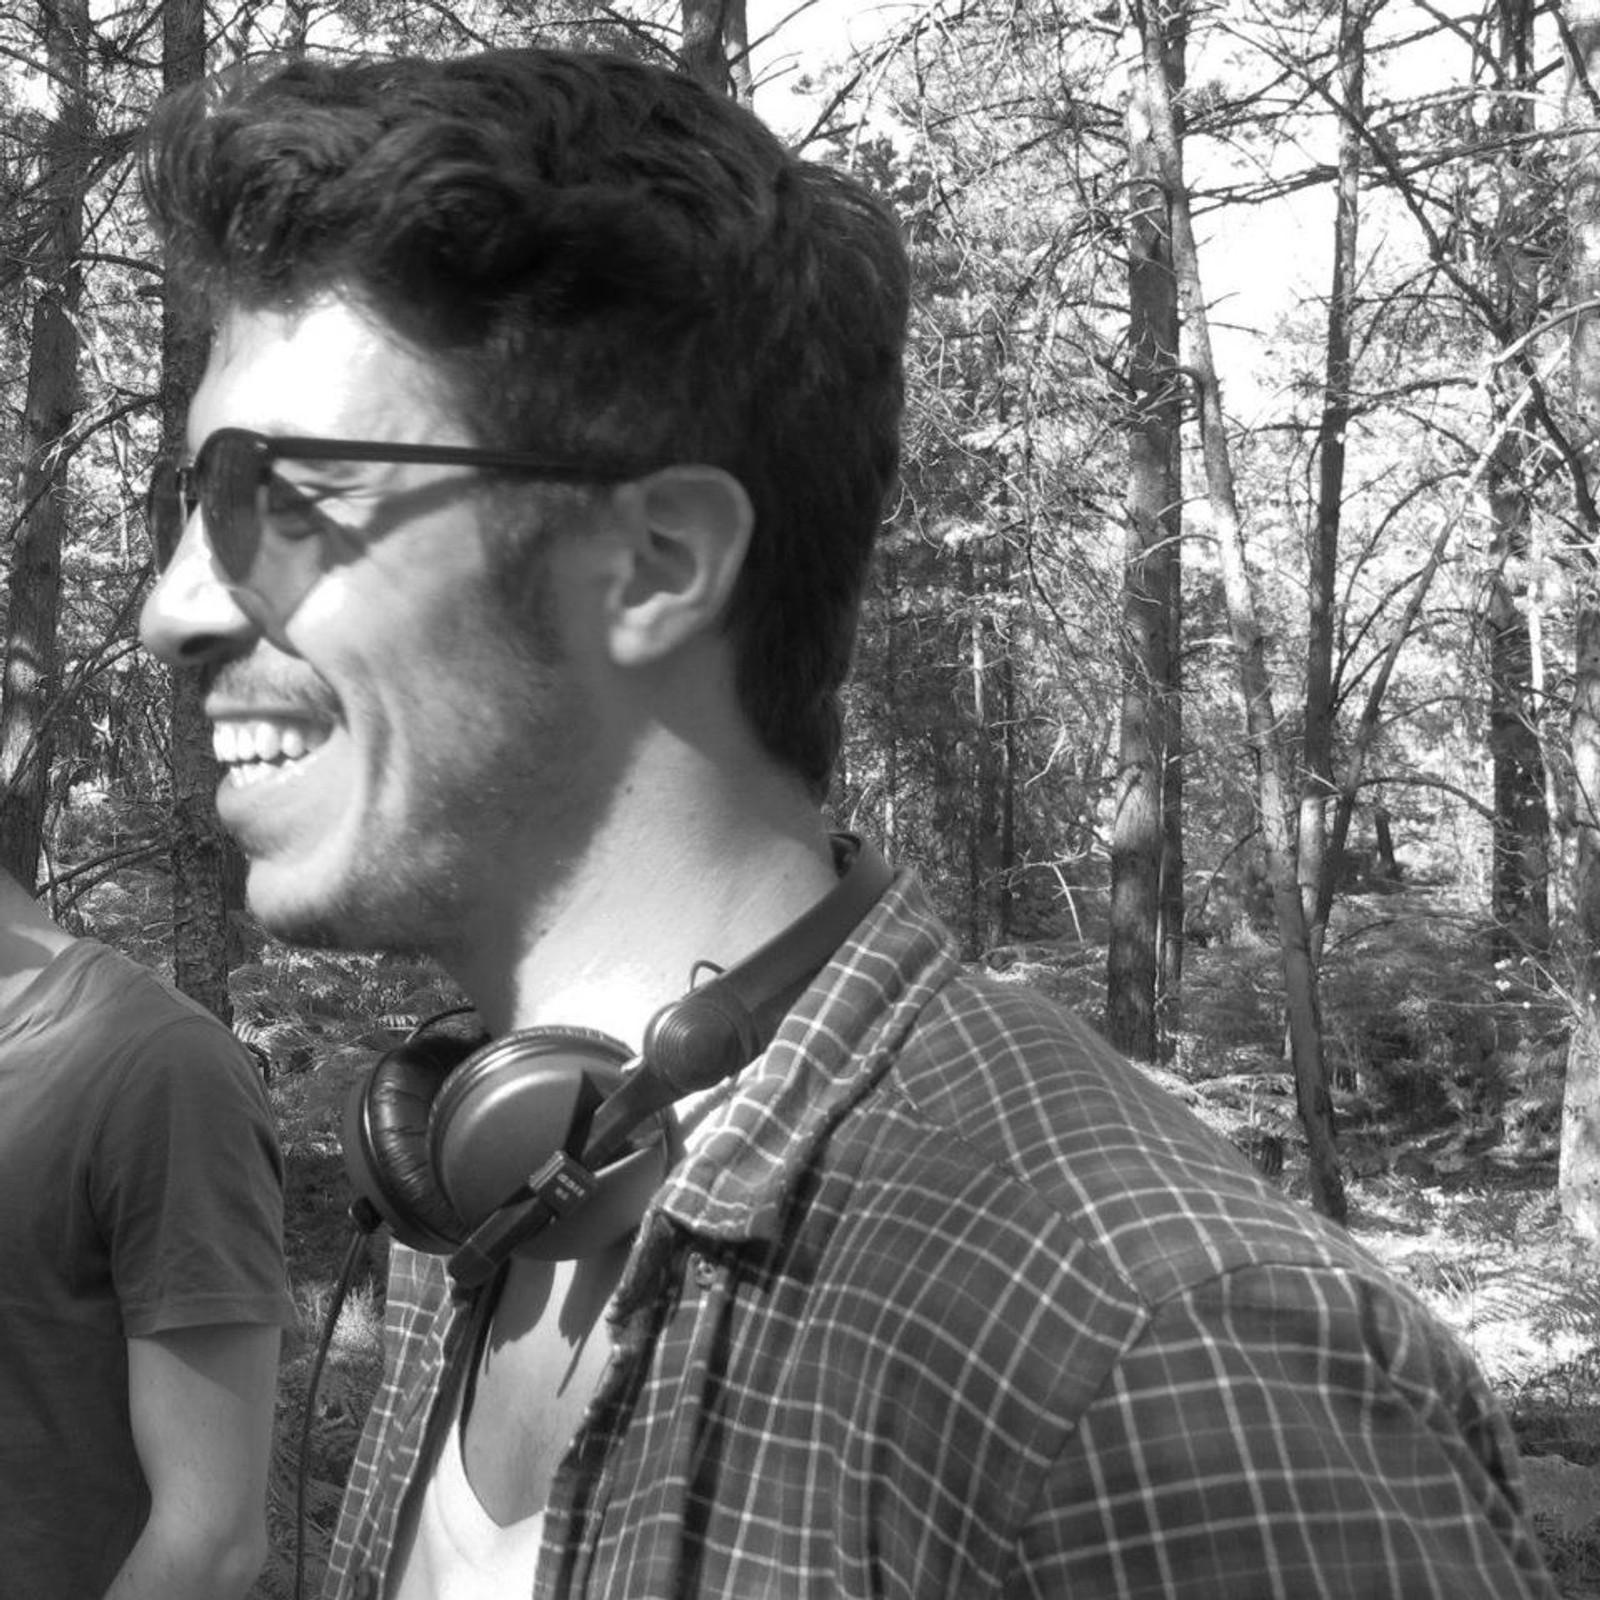 DREPT: Franske Maxime Bouffard (26) jobbet som filmskaper i Paris. Etter angrepene mot Charlie Hedbo i januar gikk han i demonstrasjonstog mot terror. Maxime døde på Bataclan.